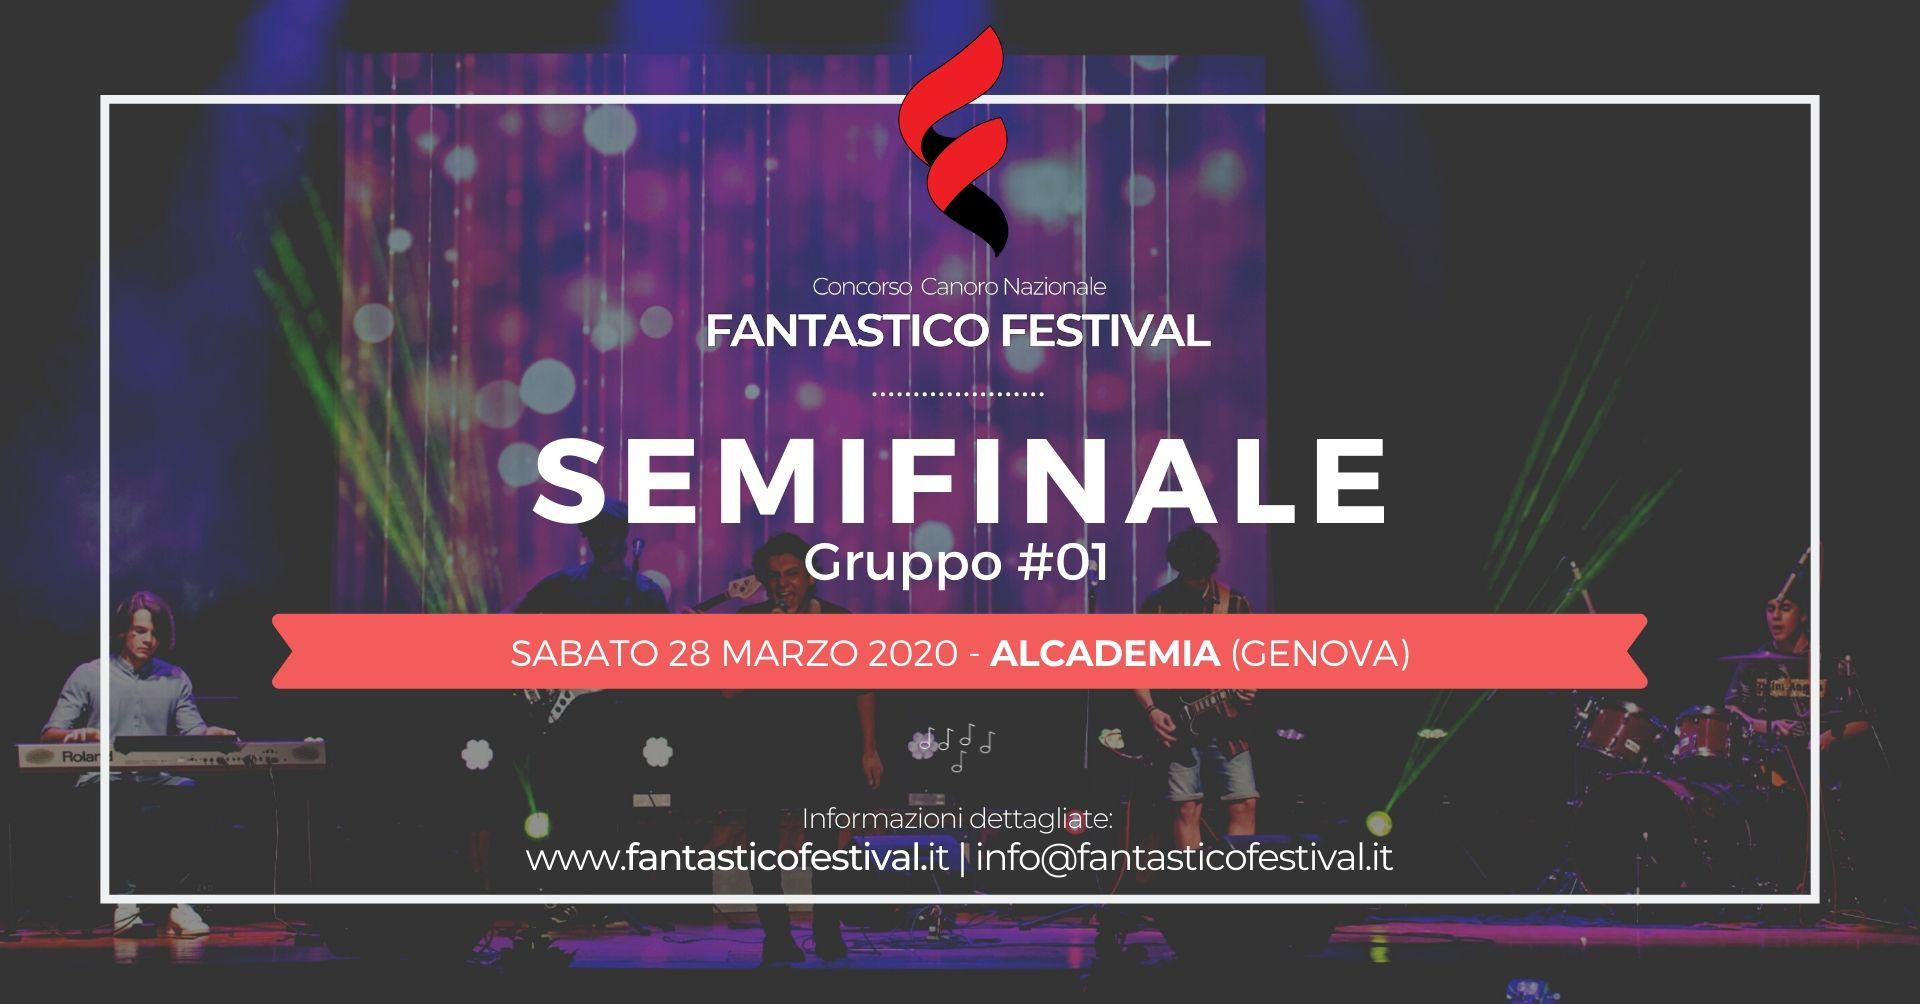 Concorso canoro Fantastico Festival Semifinale gruppo 1 COVER 2020